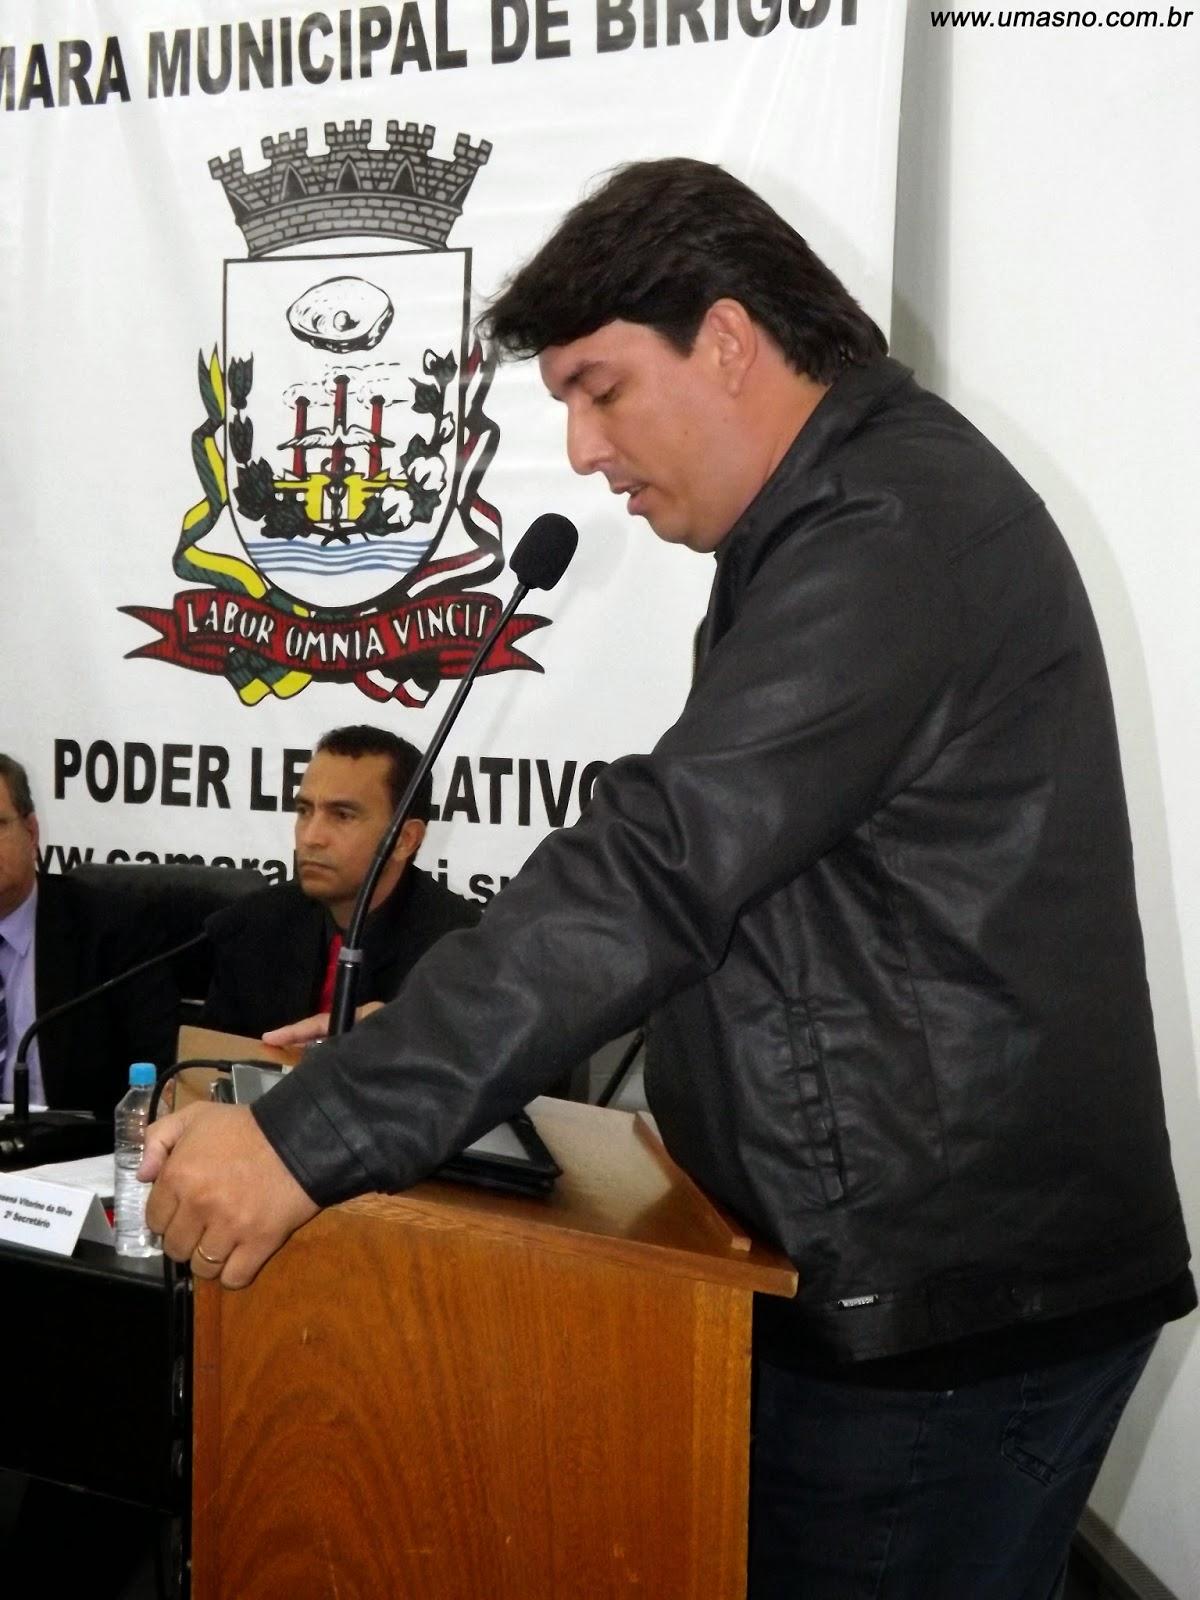 Pastor Reginaldo Rodrigues - Um Asno